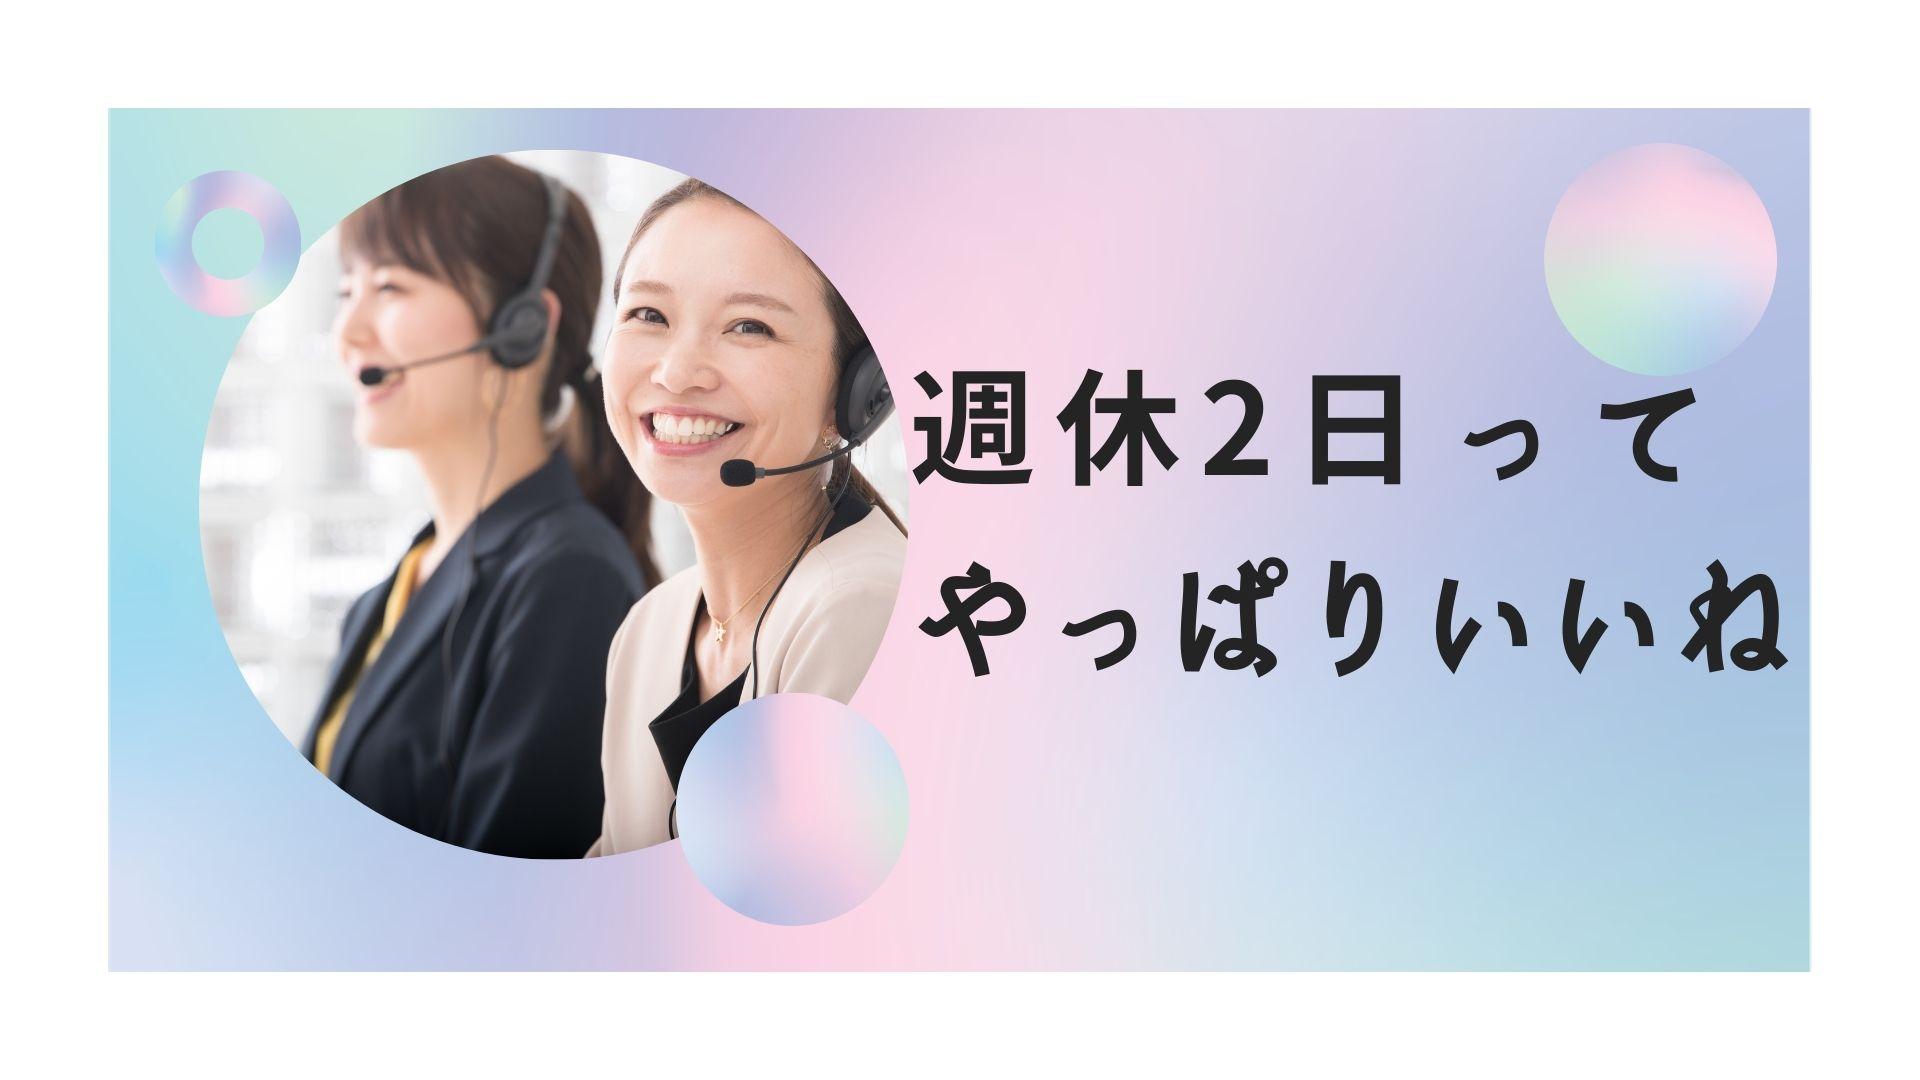 ≪未経験OK≫通販の注文受付など*コールセンターの管理者候補*東証一部上場企業で安定get/JCTM0003